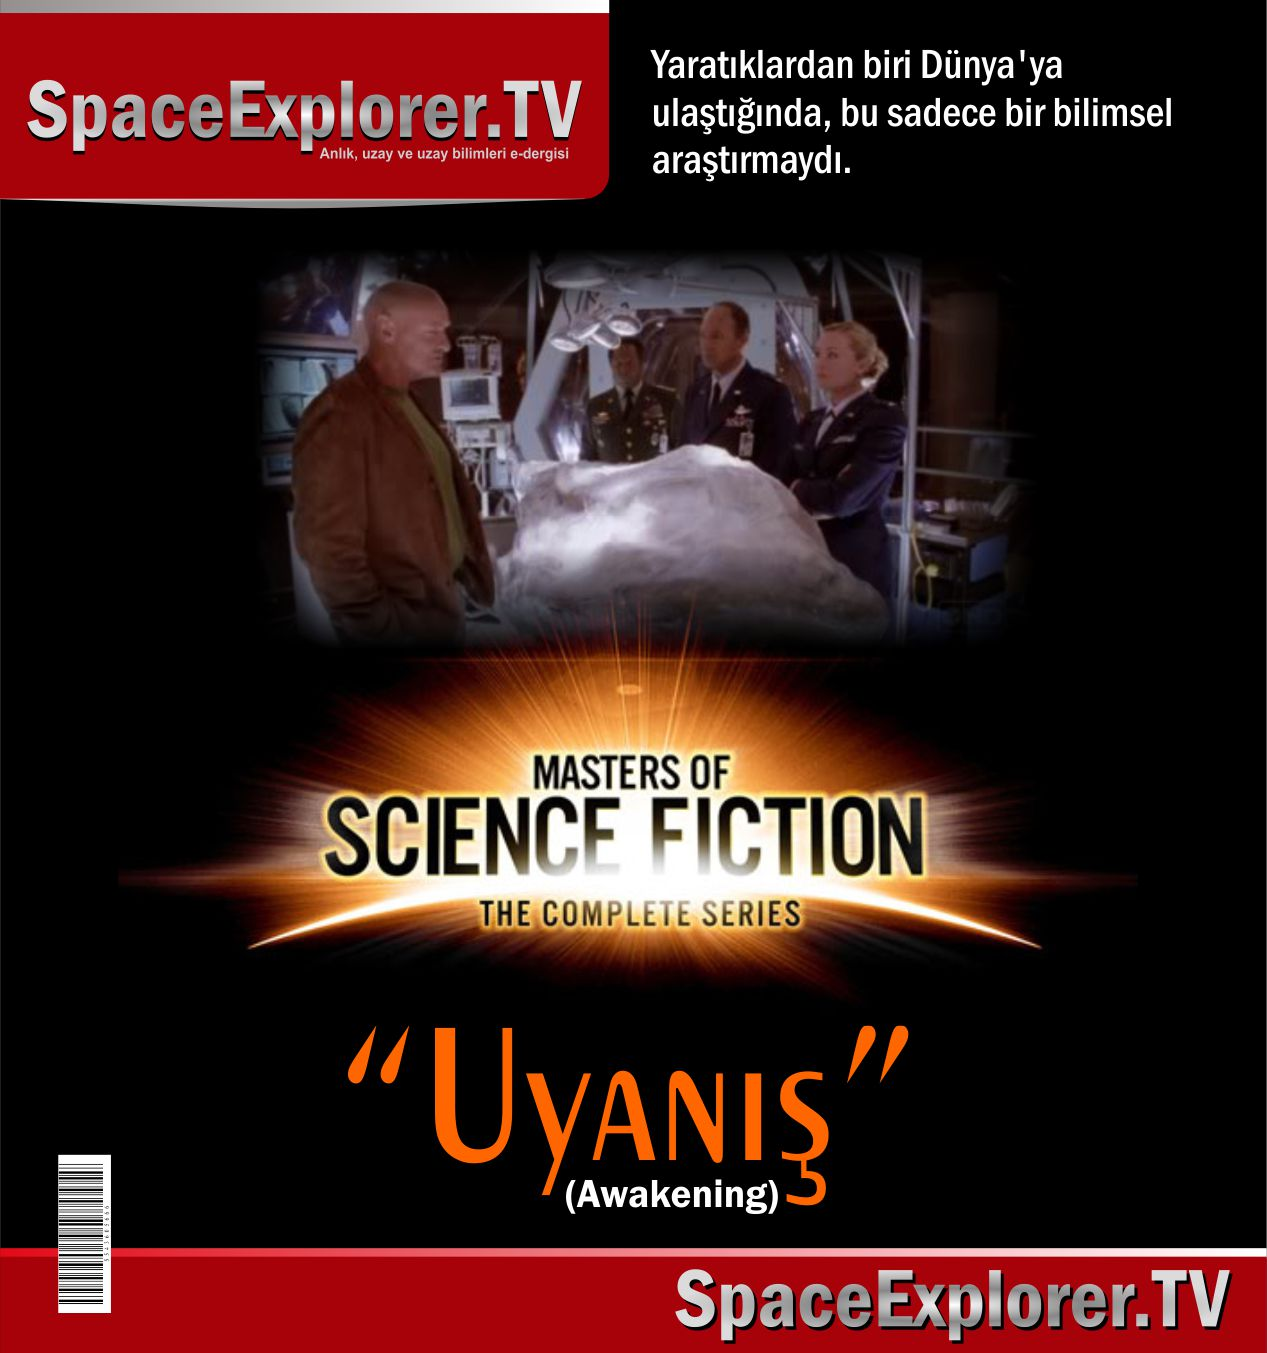 Masters of Science Fiction, Uyanış, Videolar, Uzayda hayat var mı?, Nükleer silahlar, Evrende yalnız mıyız?, Stephen Hawking,